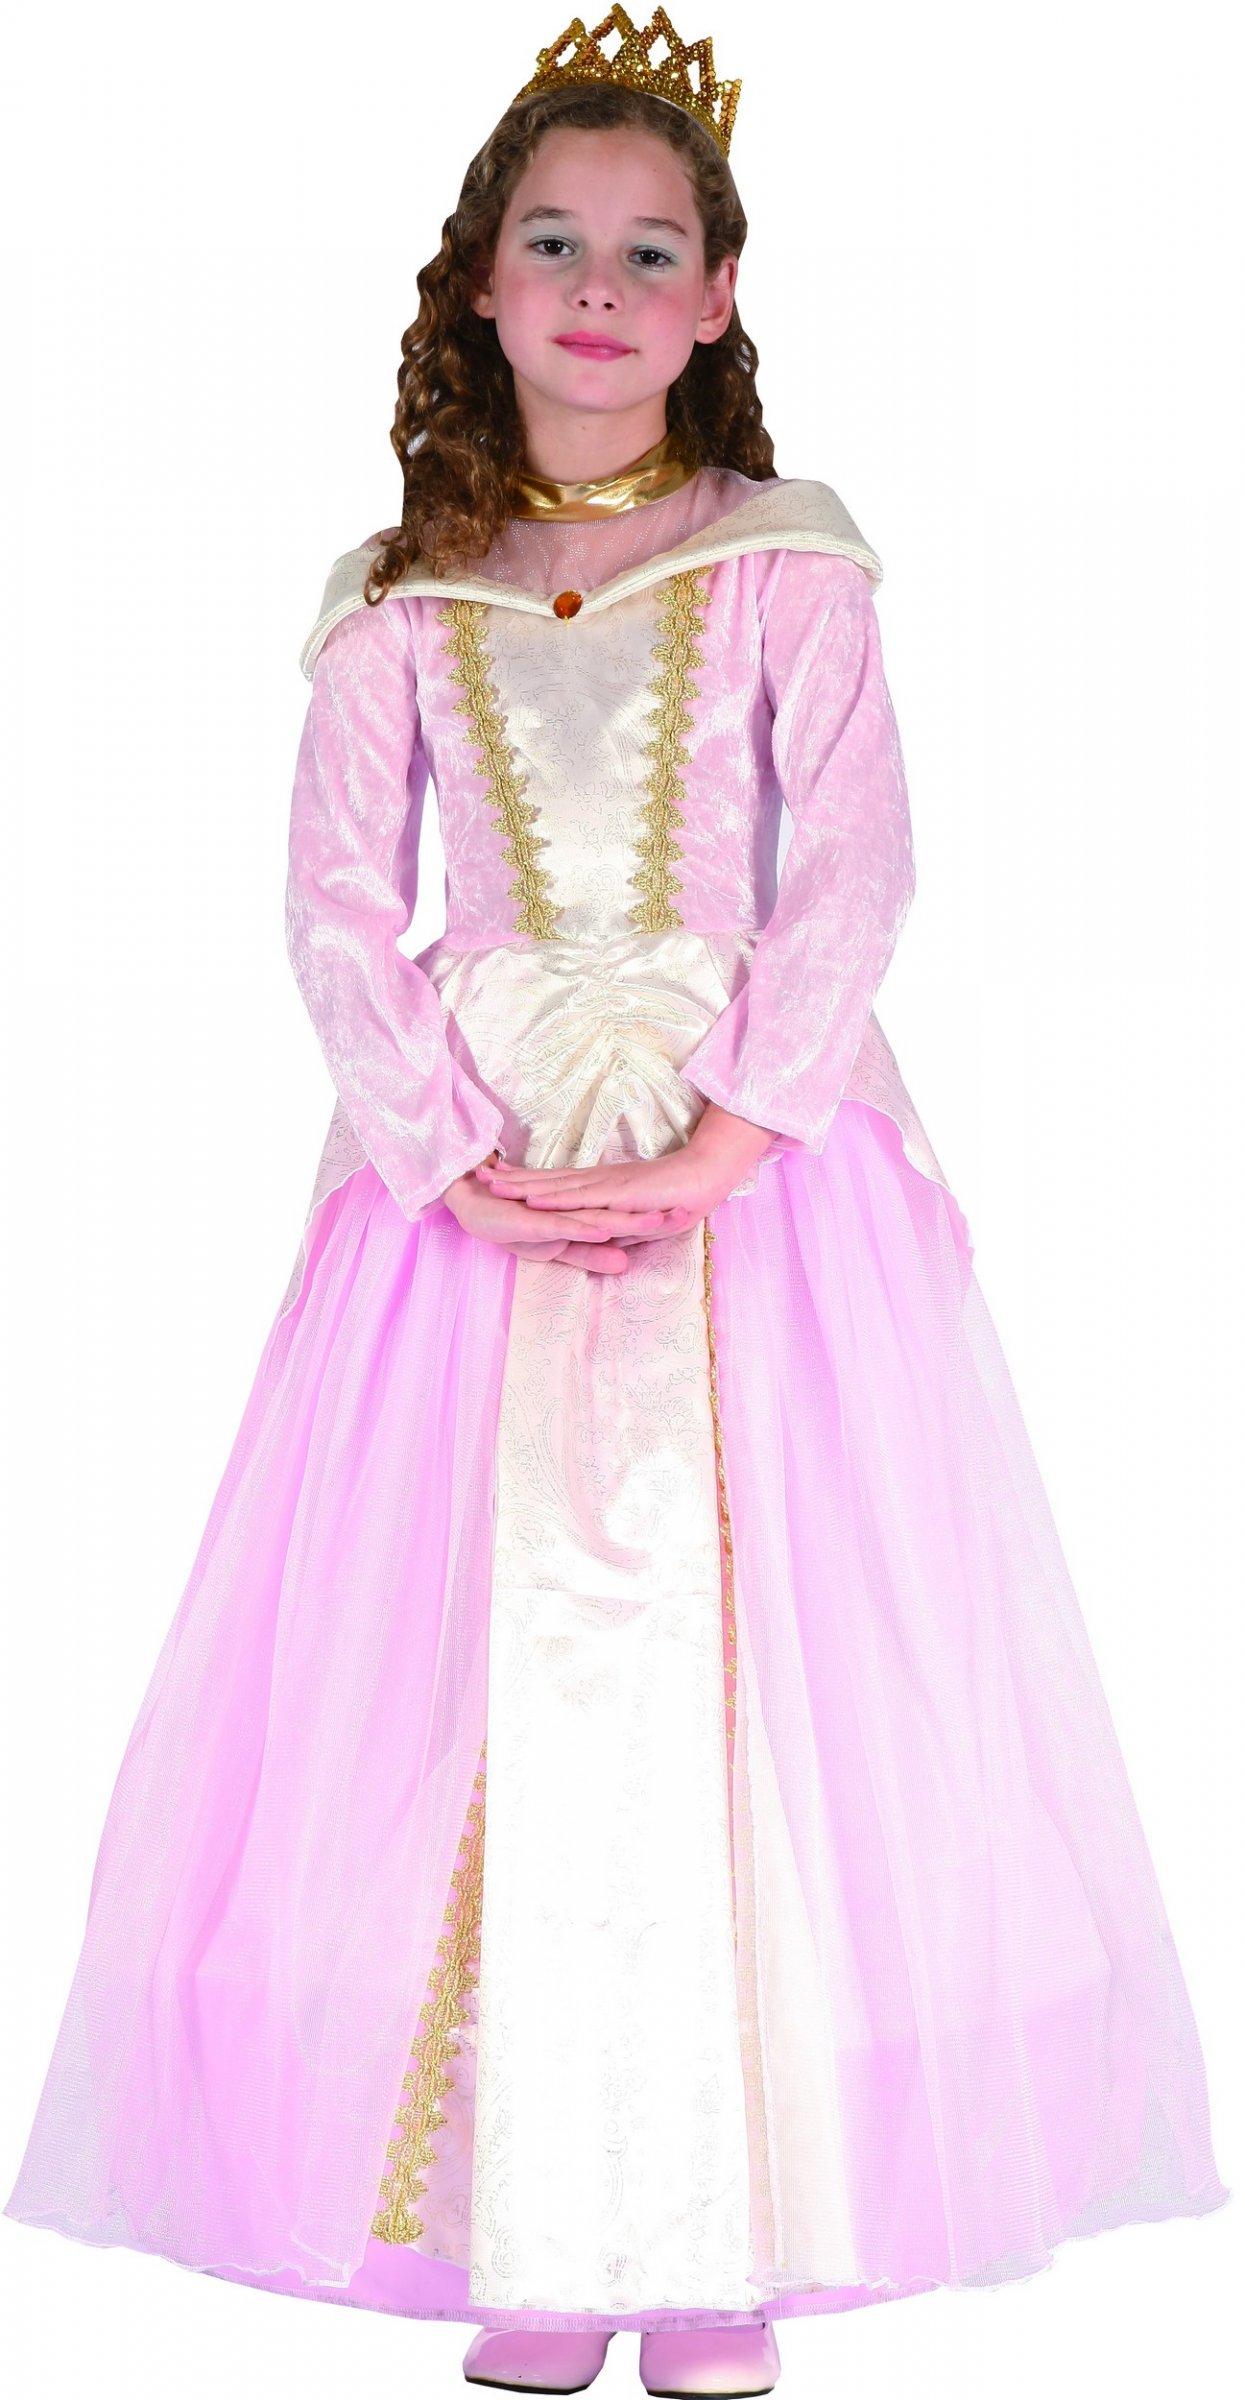 D guisement princesse fille achat de d guisements enfants sur vegaoopro grossiste en d guisements - Deguisement princesse aurore ...